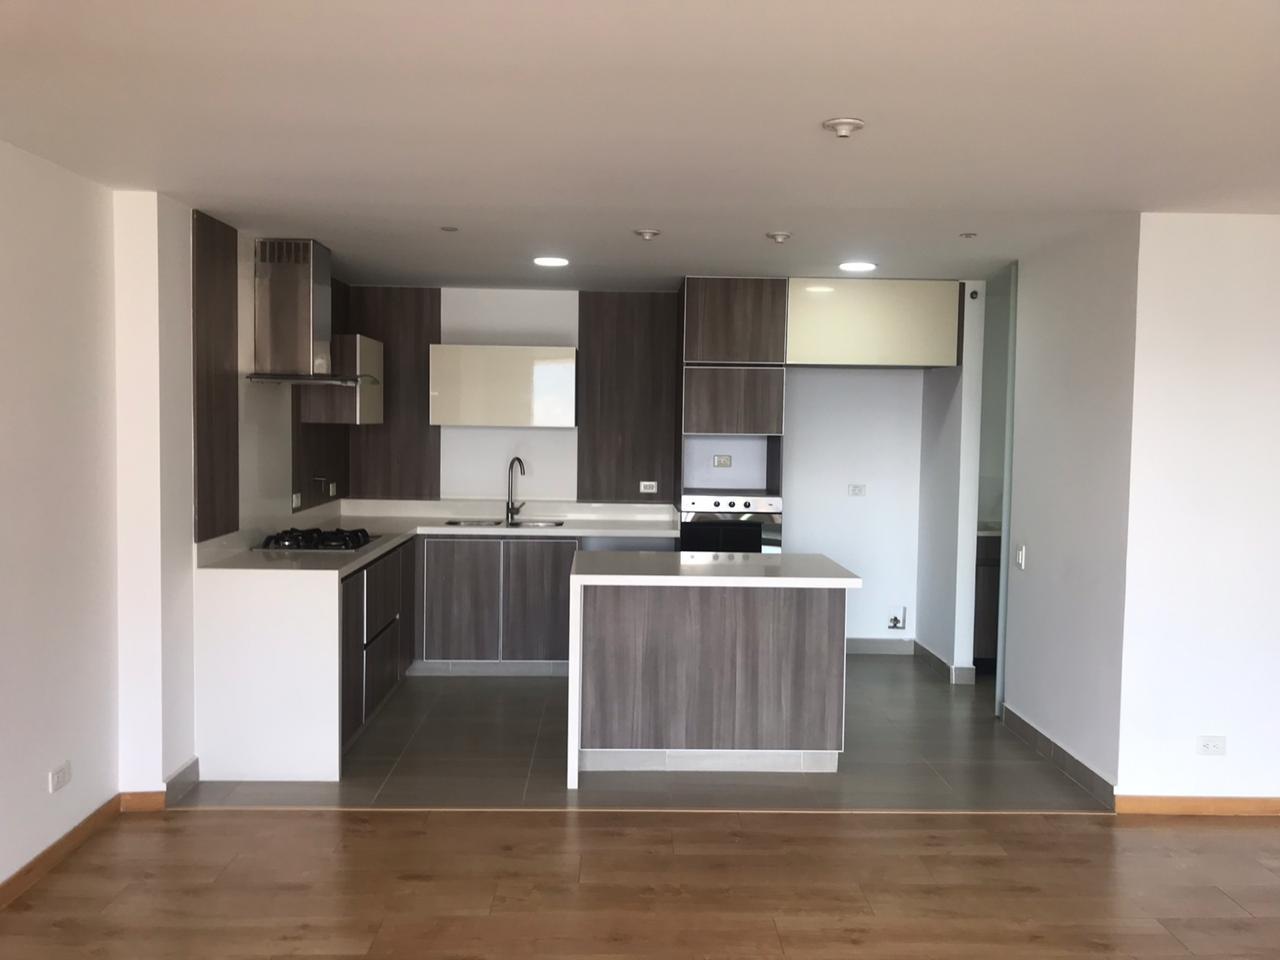 99208 - Arriendo Apartamento Loma Las Brujas Envigado